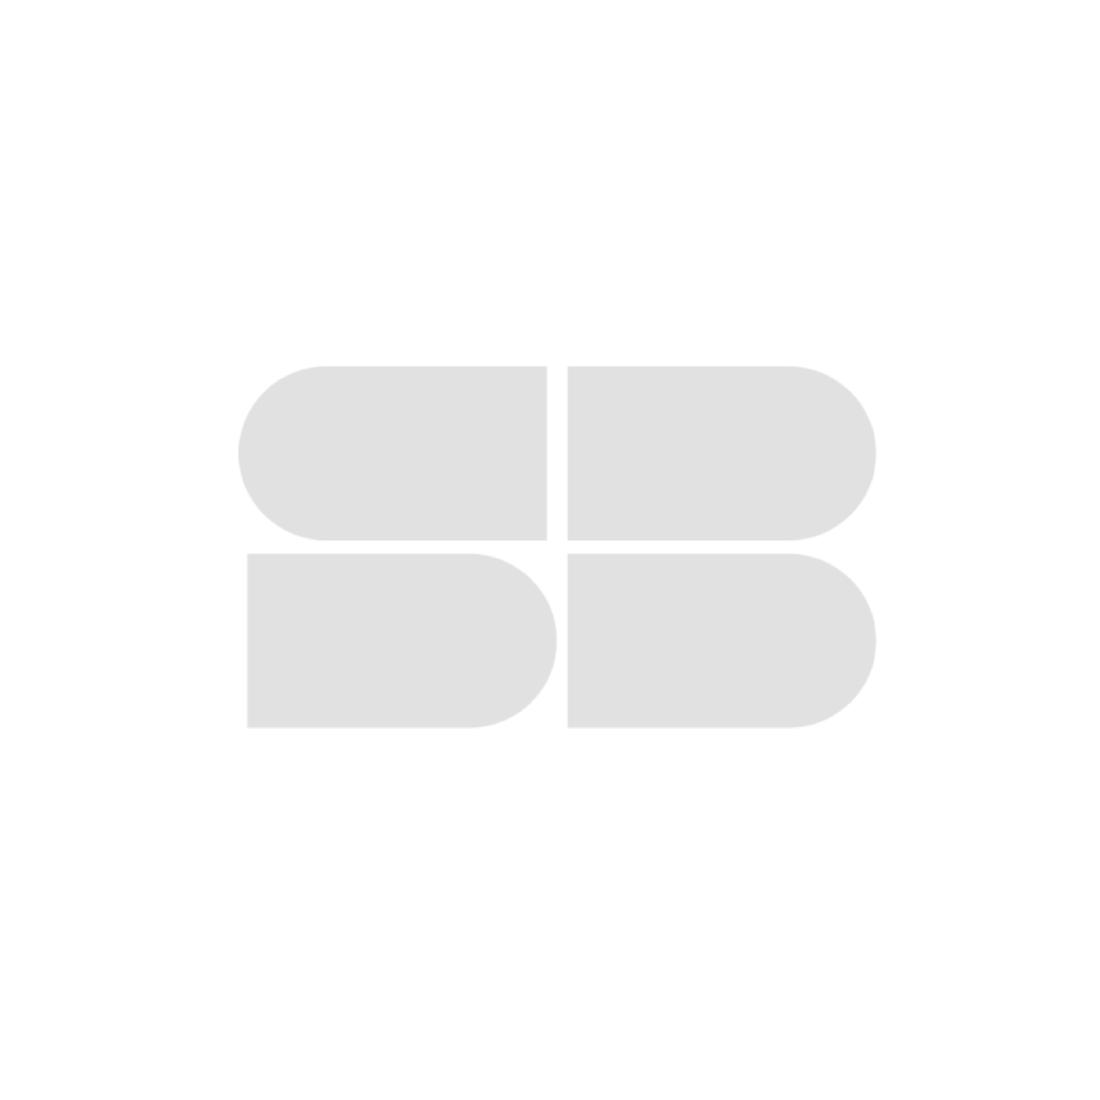 ที่นอน Vono รุ่น Cozy Care ขนาด 5 ฟุต-03